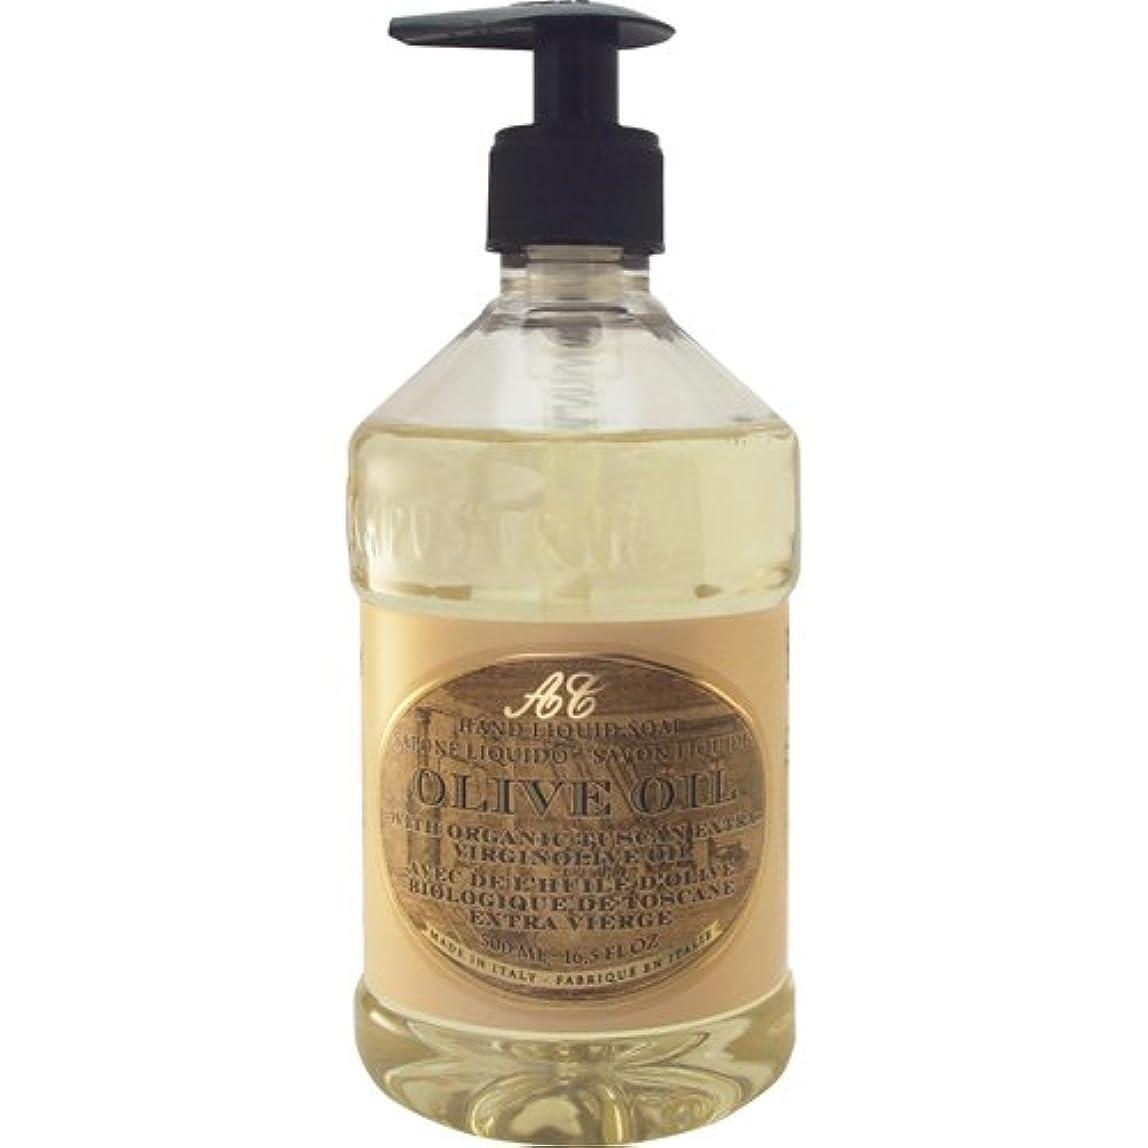 電気技師リーガンアルバムSaponerire Fissi レトロシリーズ Liquid Soap リキッドソープ 500ml Olive Oil オリーブオイル